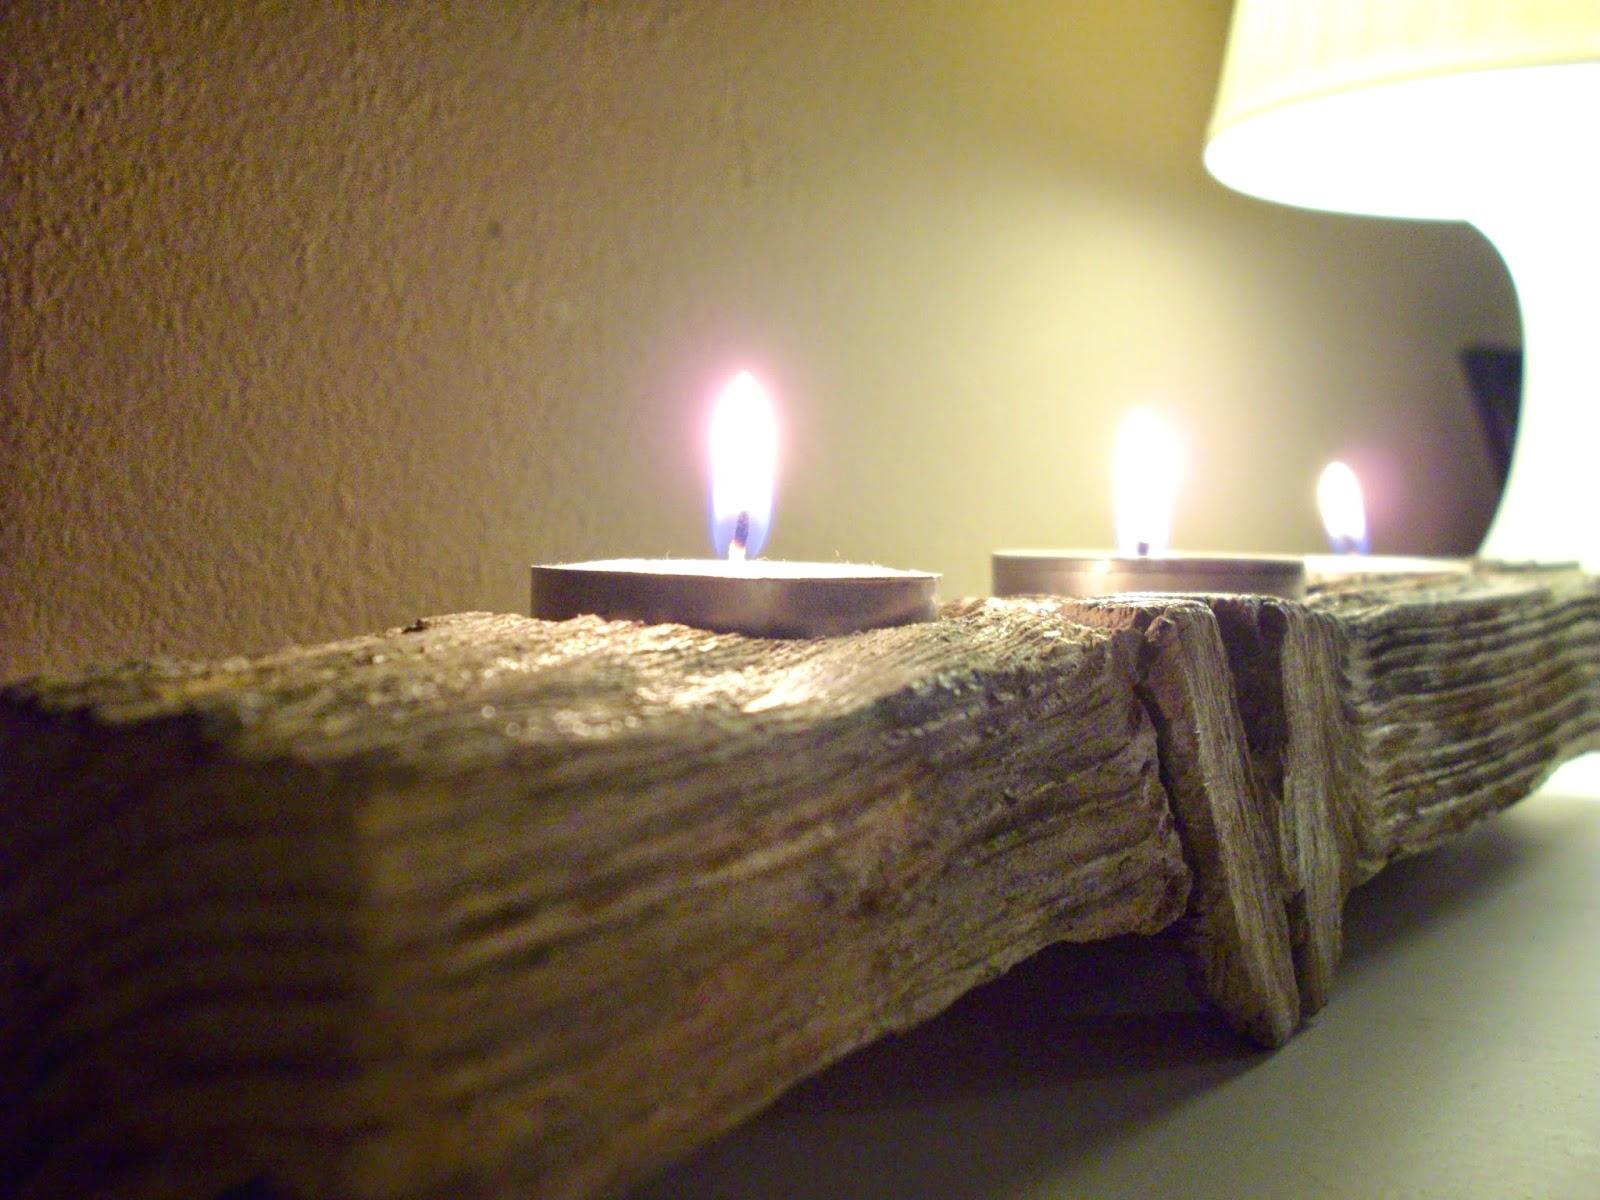 come creare dal legno vecchio un portacandele